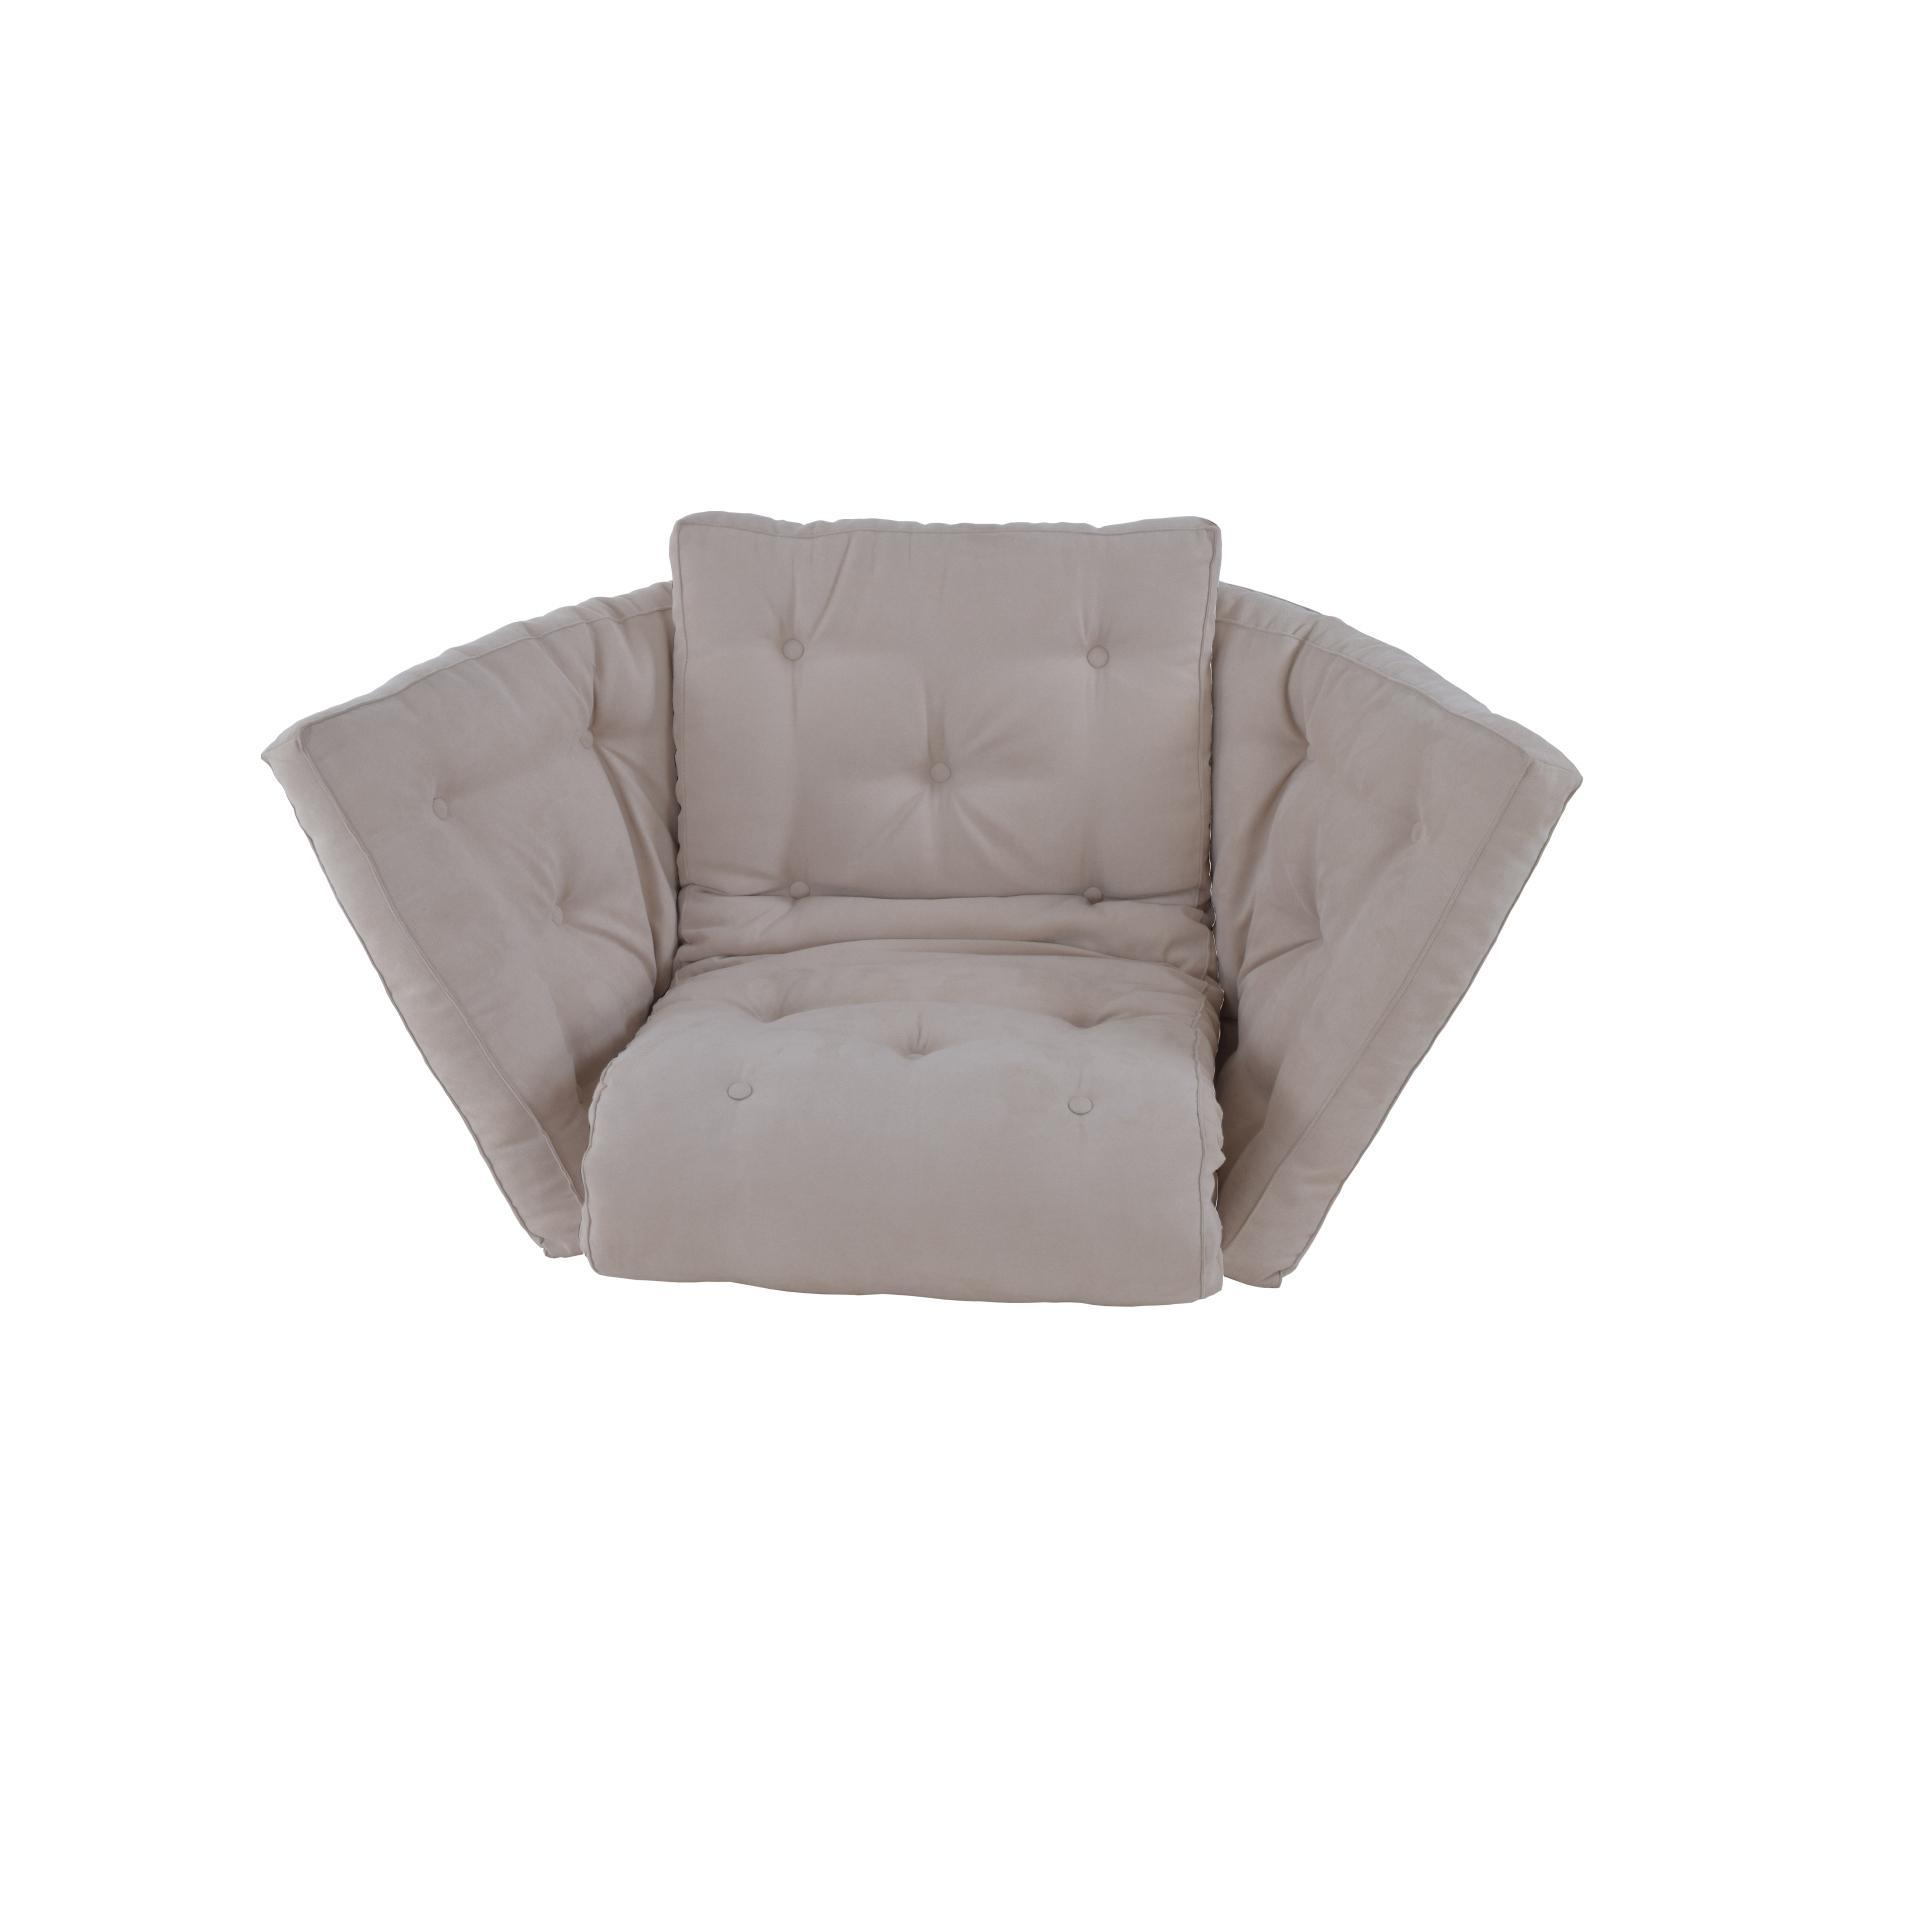 Matratzen sofa  Jetzt wird's gemütlich: Sofa und Futon-Sessel Futon24